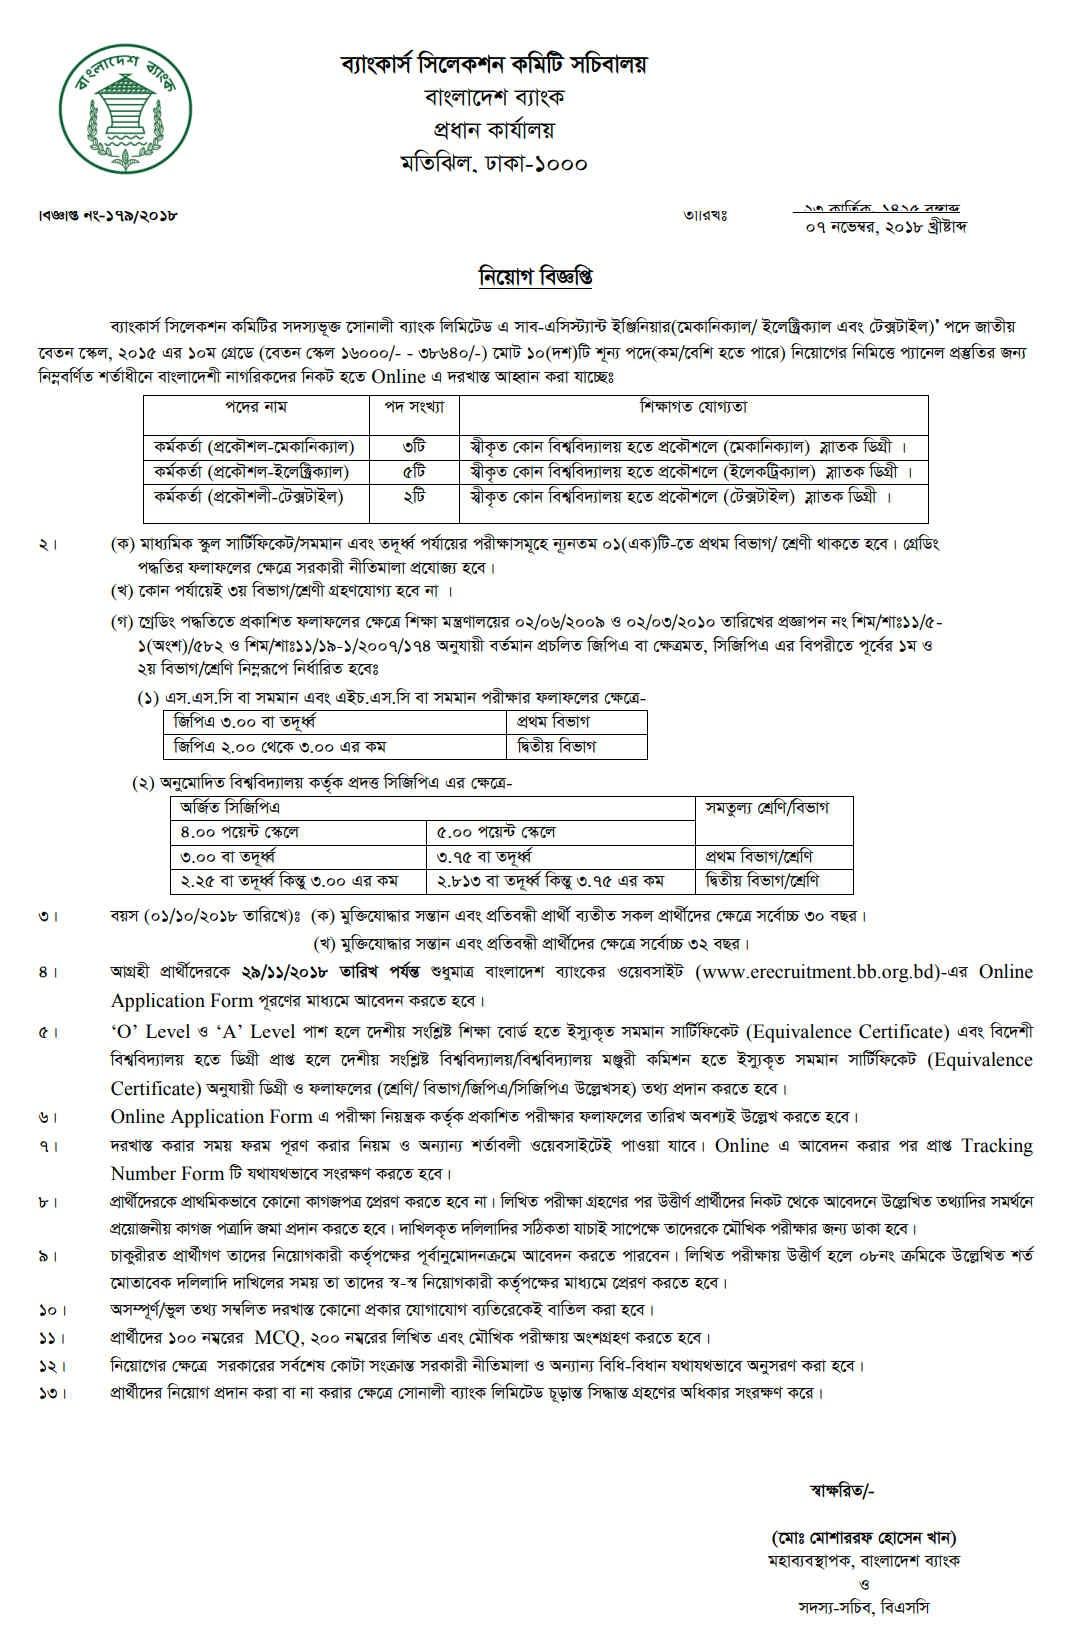 Sonali Bank Limited jobs circular 2018